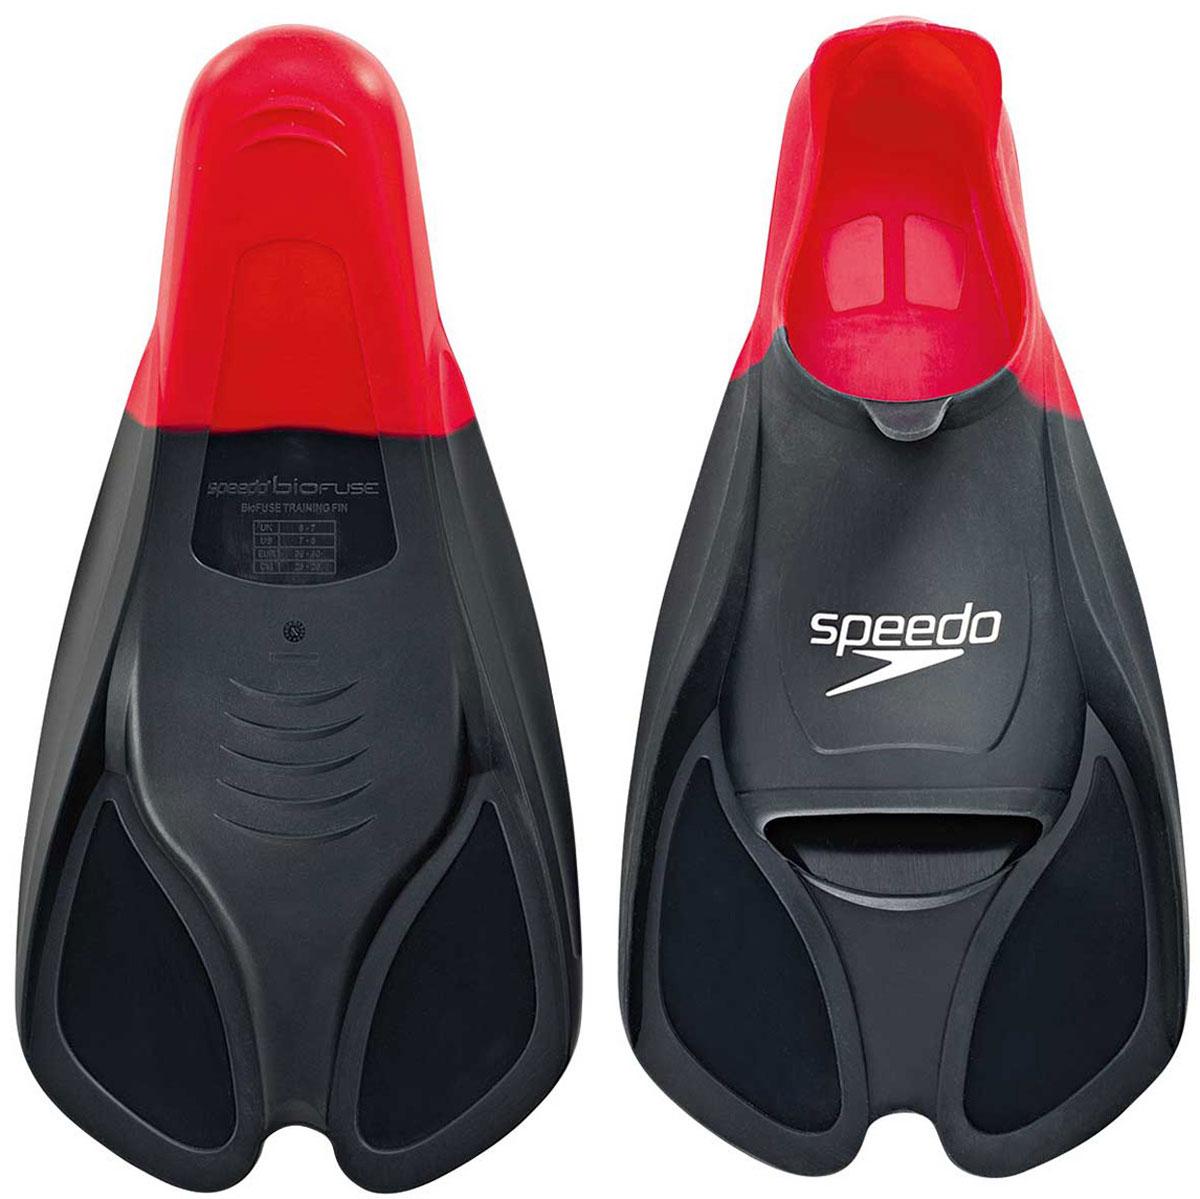 Ласты для плавания Speedo, цвет: красный. Размер 11-12. 8-0884139913B327Ласты Speedo Biofuse Training Fins являются незаменимым аксессуаром для тренировки силы ног, при создании которого использовалась технология SpeedoBiofuse®. Неслучайно эти ласты для плавания предпочитает использовать многократный олимпийский чемпион Майкл Фелпс. Достаточно жесткие лопасти позволяют создать мощную тягу в воде при естественном темпе работы ног. Специальный узор на поверхности подошвы позволяет получить надежное сцепление с поверхностью бассейна. Форма башмака Speedo Biofuse Training Fin способствует развитию гибкости стопы, что позволяет сделать работу ног более эффективной. Башмак изготовлен из мягкого силикона, который не натирает кожу и прекрасно растягивается. Ласты для плавания Speedo Biofuse Tech Fin отлично подходят для тренировки работы ног в спринте, а также для повышения качества работы ног во время обучения плаванию.Специалисты Proswim.ru рекомендуют Speedo Biofuse Training Fin спортсменам-спринтерам, а также всем, кто имеет желание увеличить силу ног. Ласты для плавания станут вашим лучшим помощником на пути совершенствования работы ног.